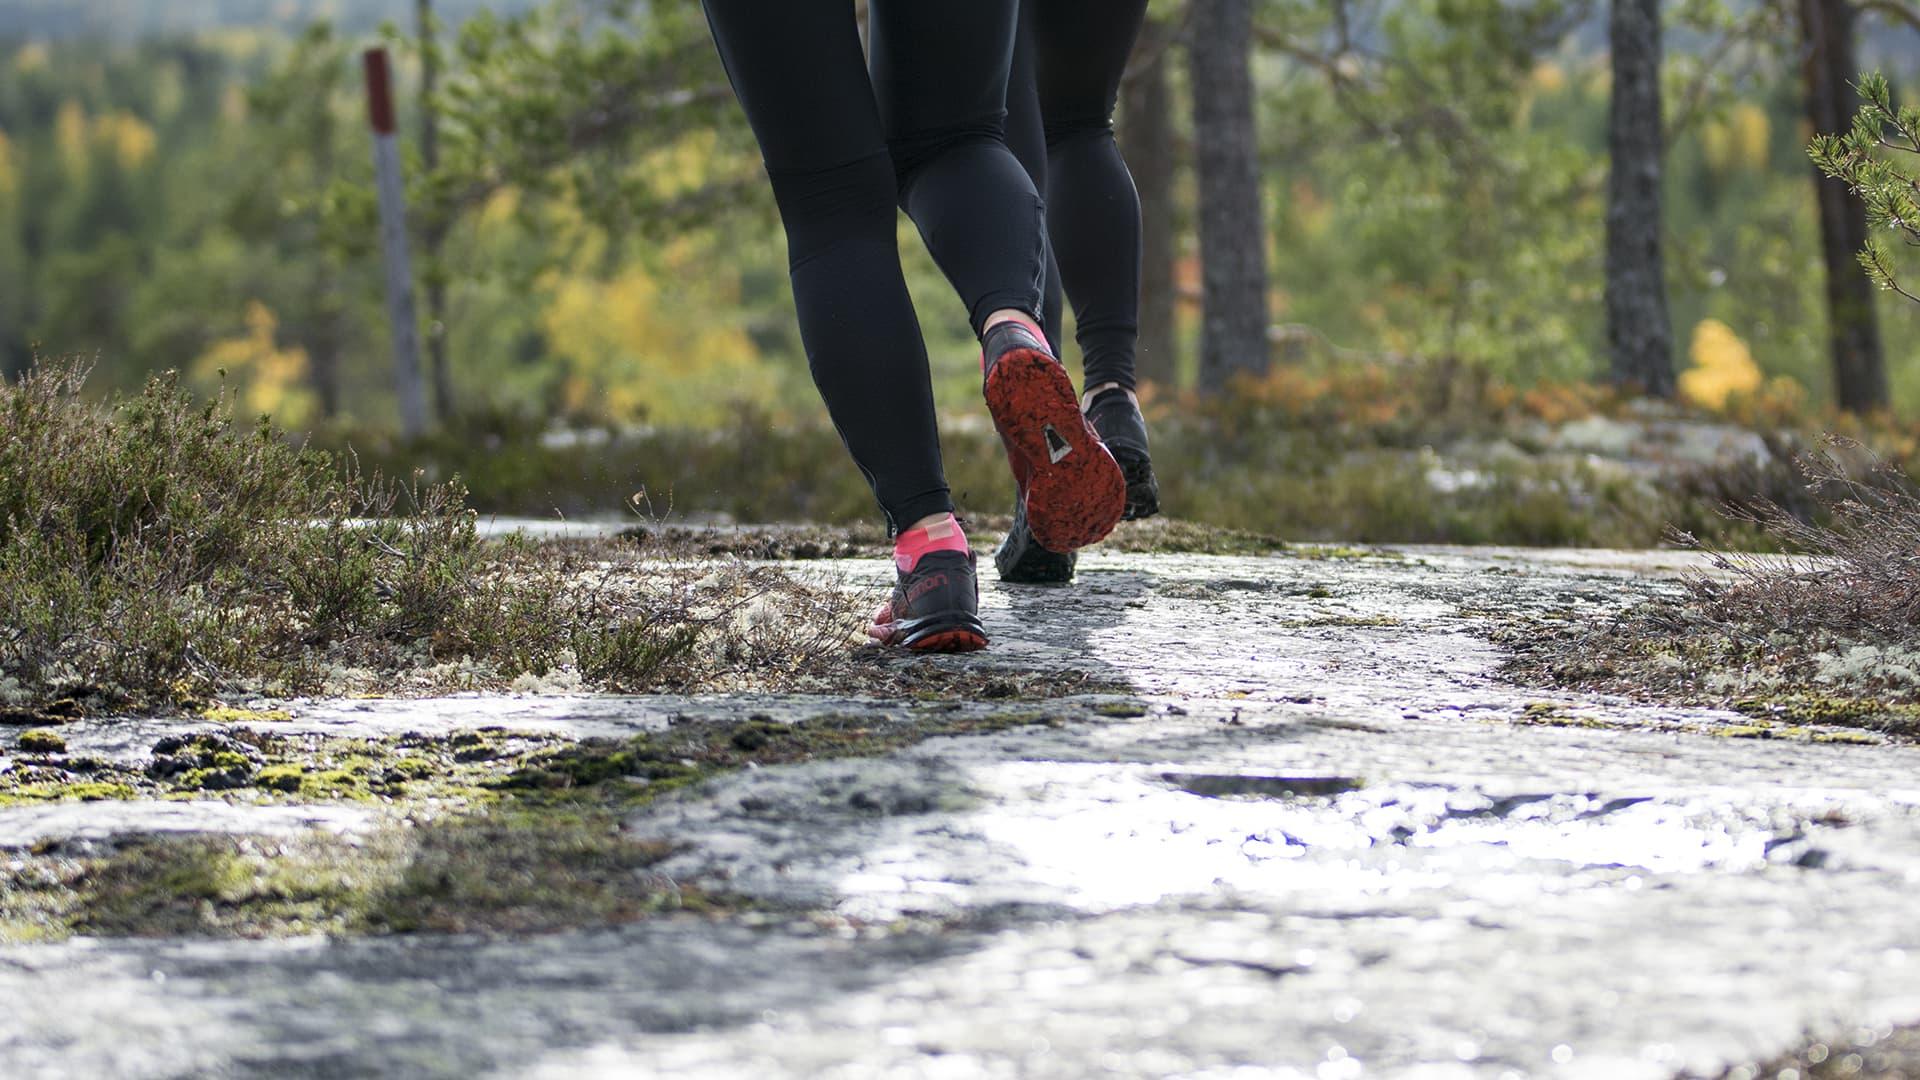 Polkujuoksijat juoksevat metsässä.